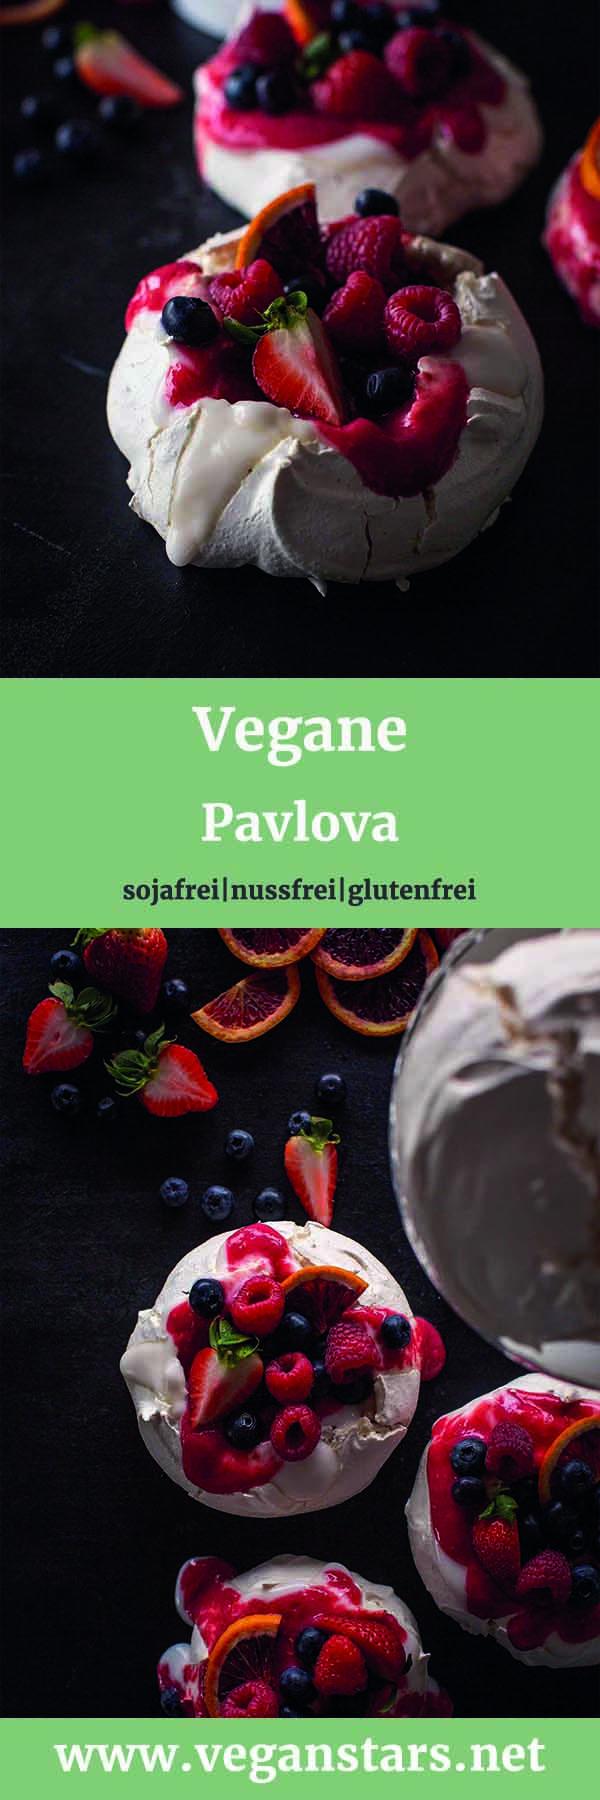 Vegane Pavlova